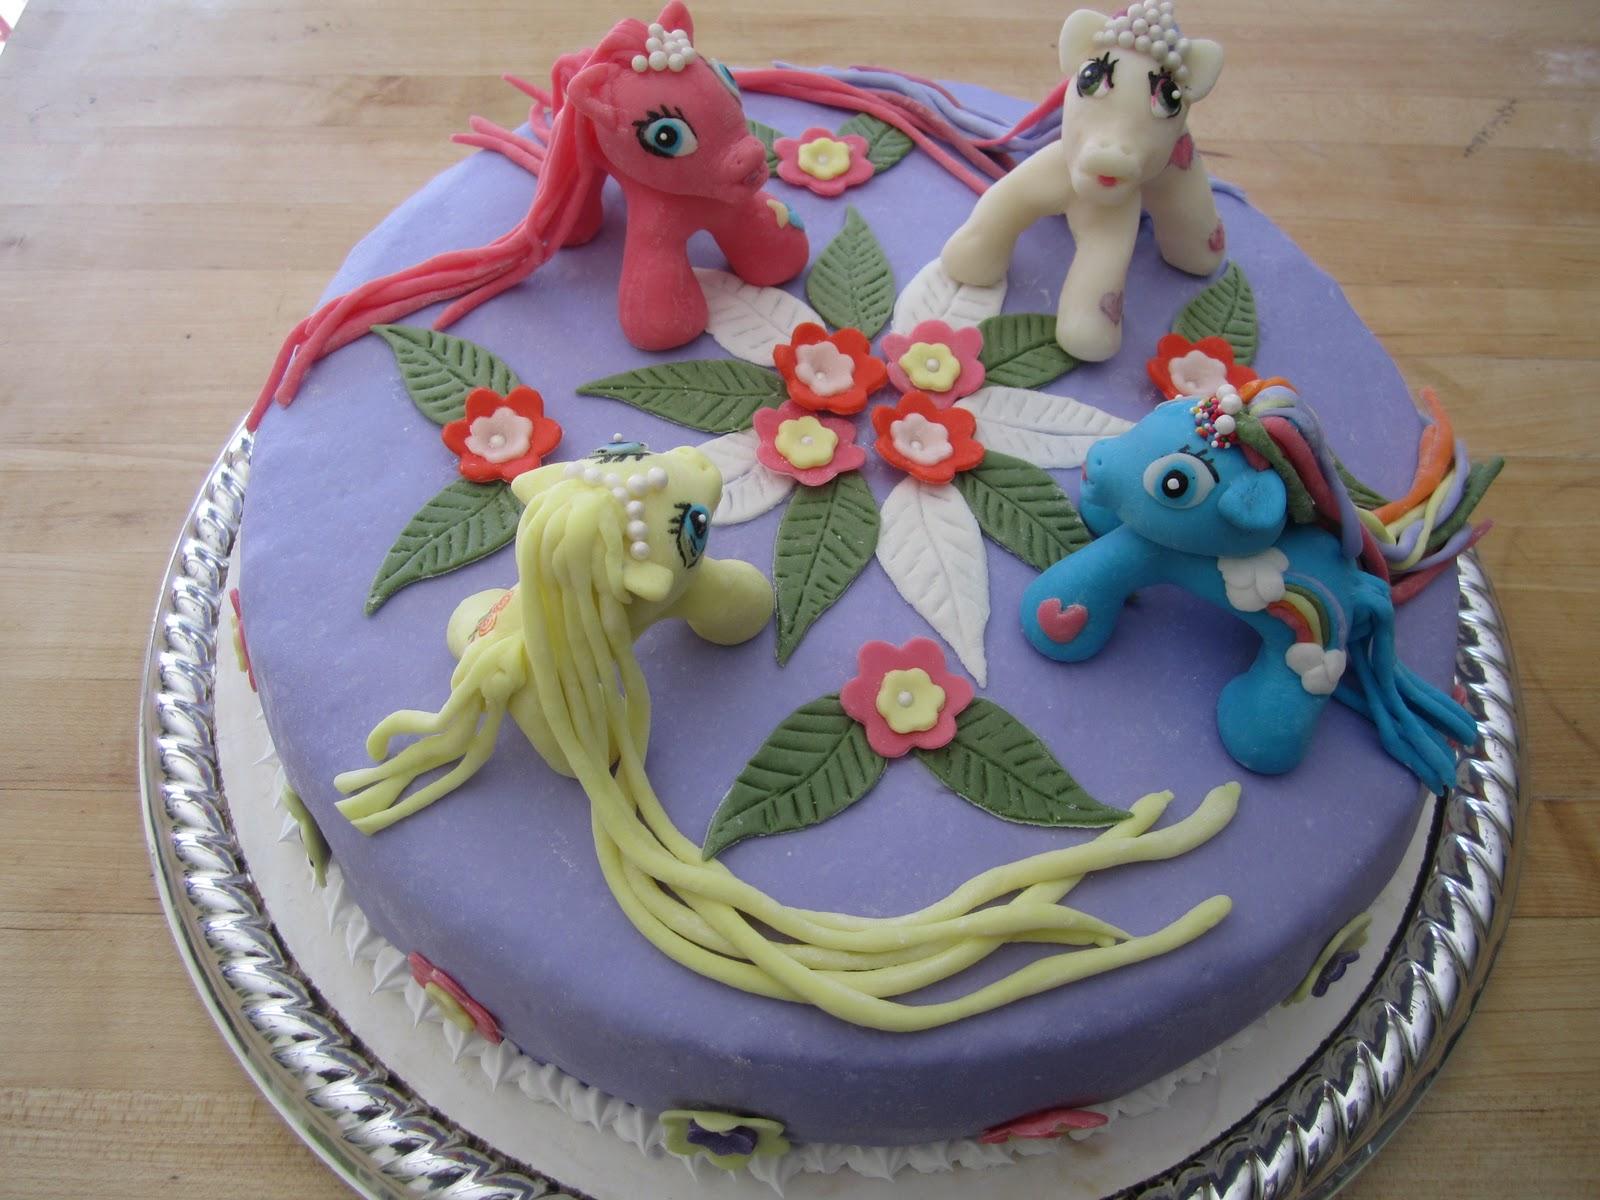 MY SPECIAL CAKES- www.yourcakery.com: My Little Pony Birthday Cake